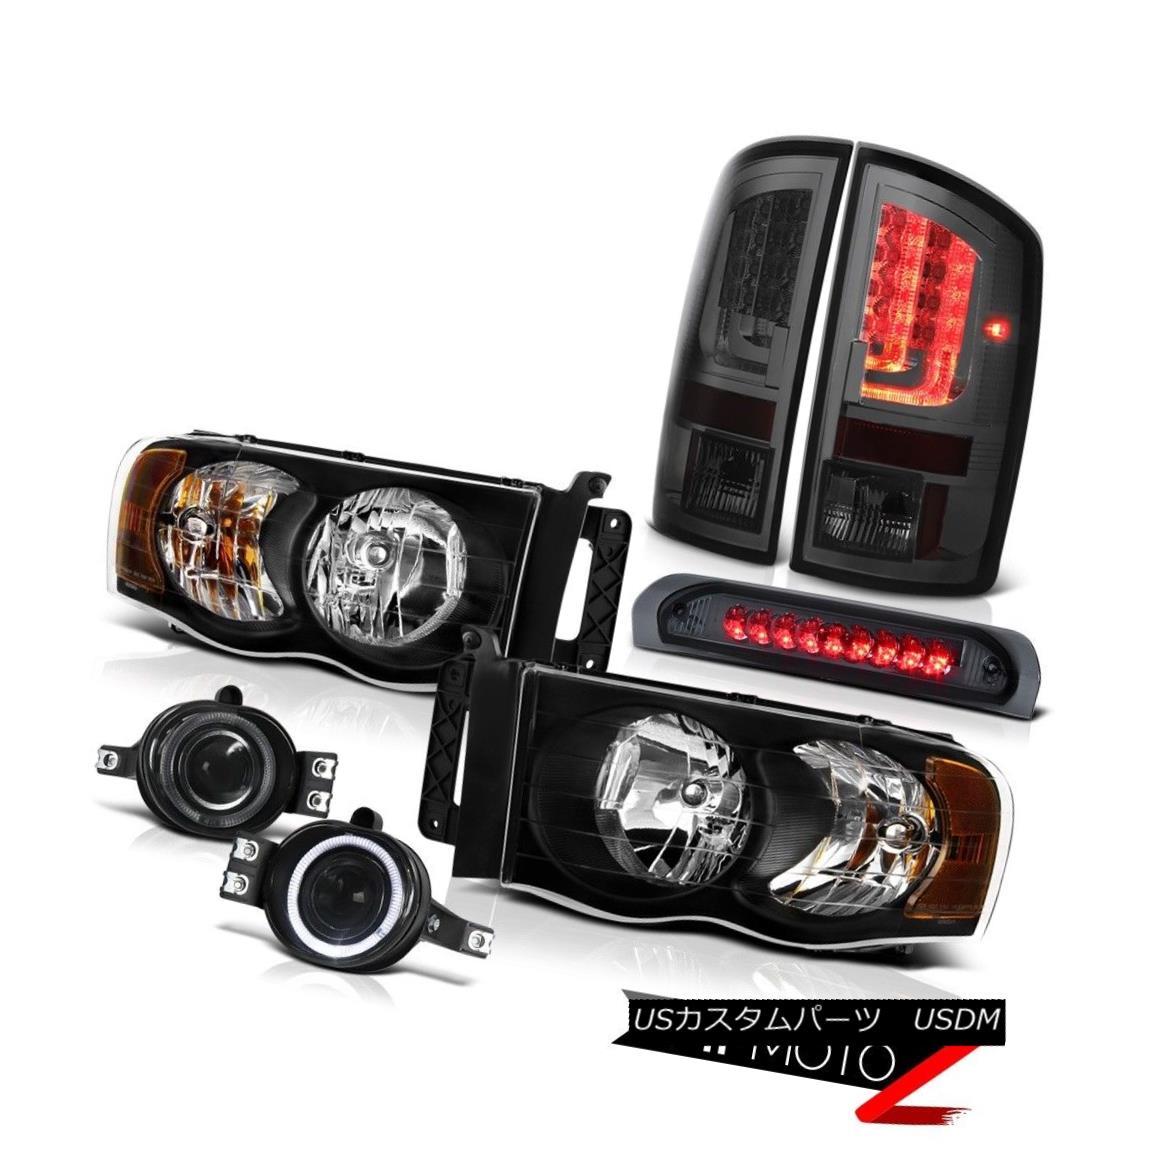 テールライト 2002-2005 Dodge Ram 1500 ST Tail Lamps Black Headlamps Foglamps Roof Brake Lamp 2002-2005 Dodge Ram 1500 STテールランプブラックヘッドランプフォグランプ屋根ブレーキランプ